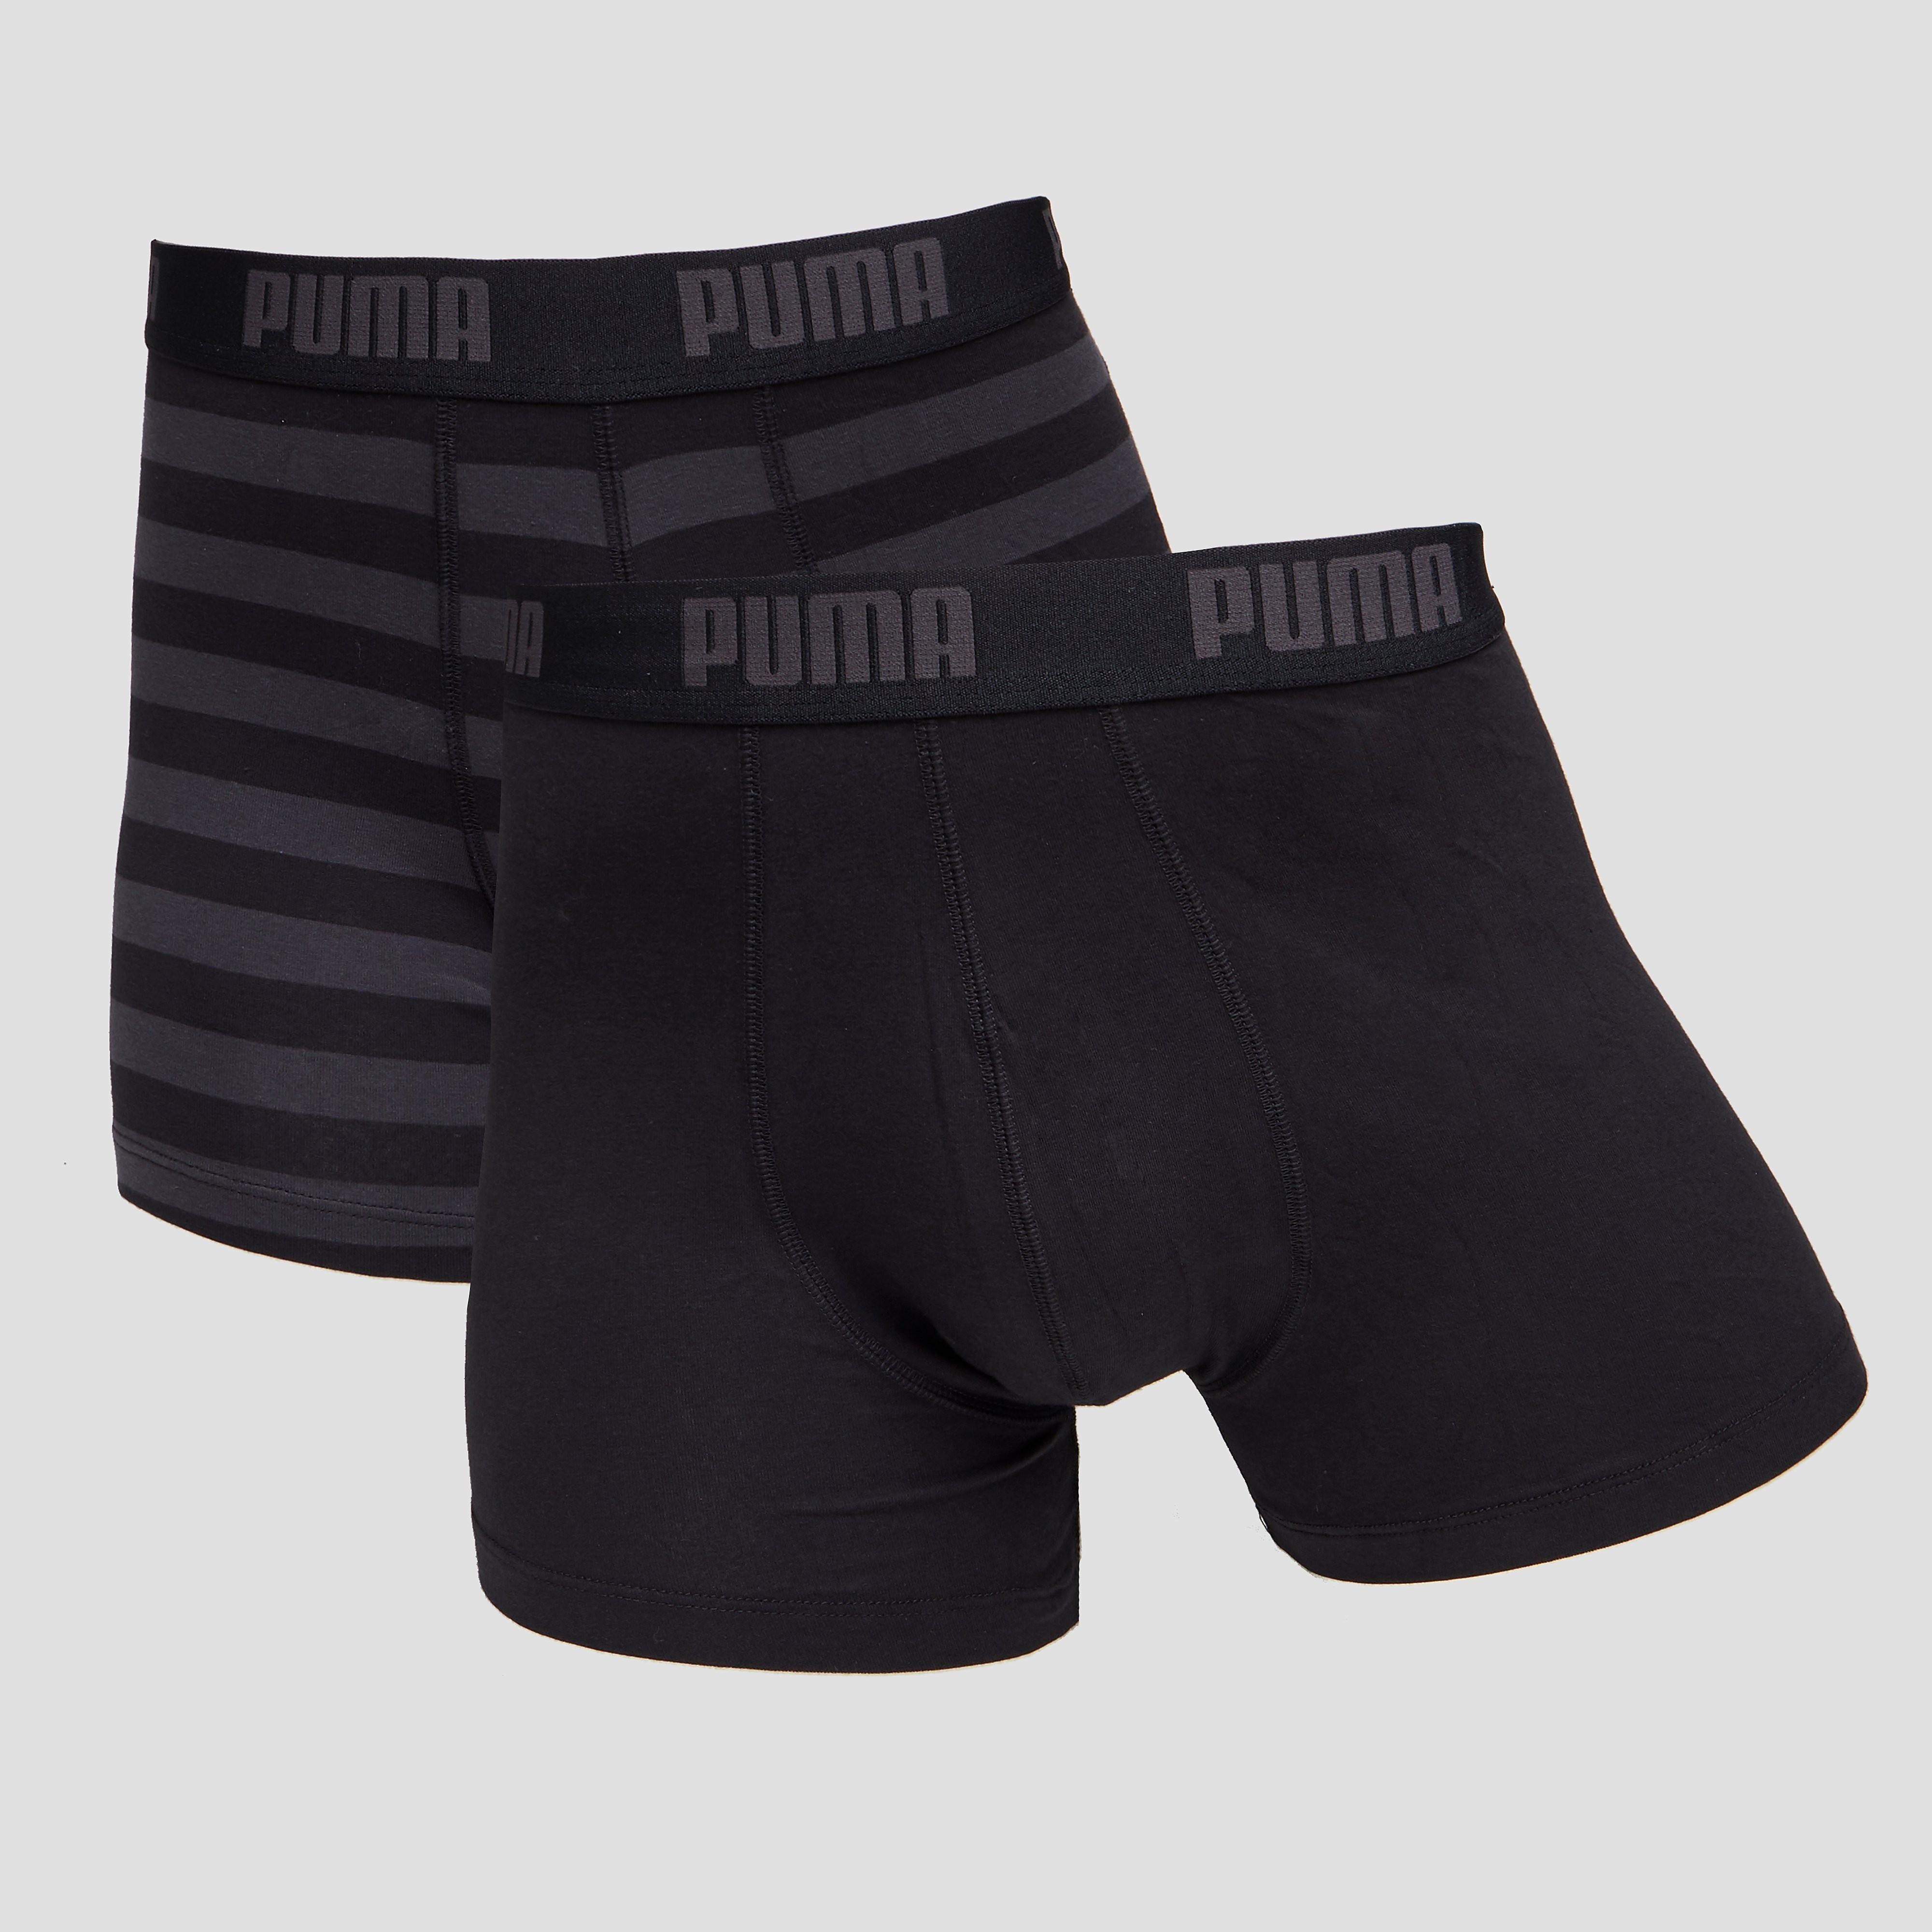 PUMA BODYWEAR 2-PACK